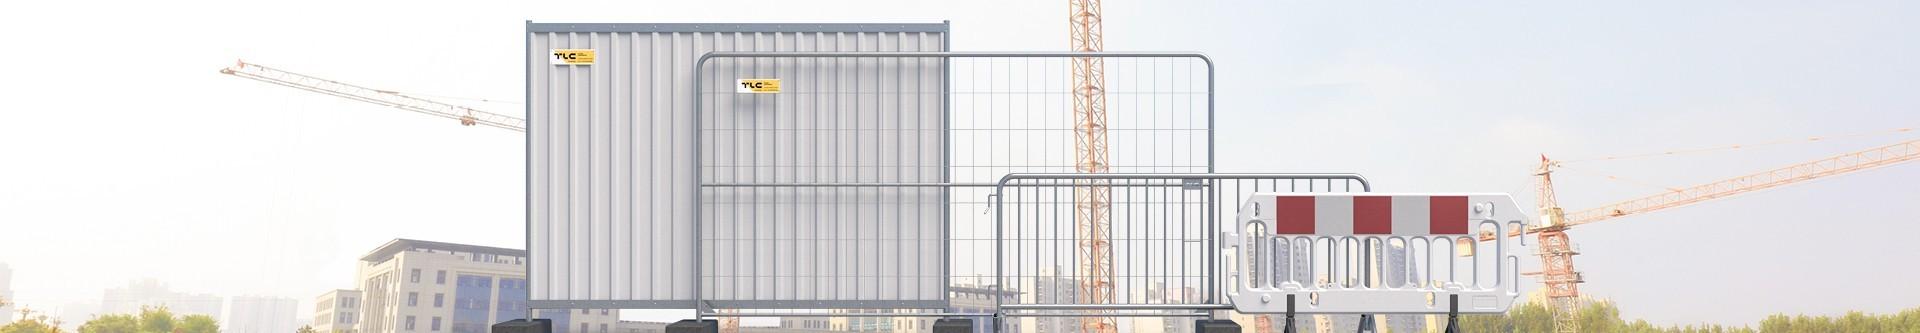 Ogrodzenia budowlane ażurowe MOBILT - cena | Sklep internetowy TLC Rental